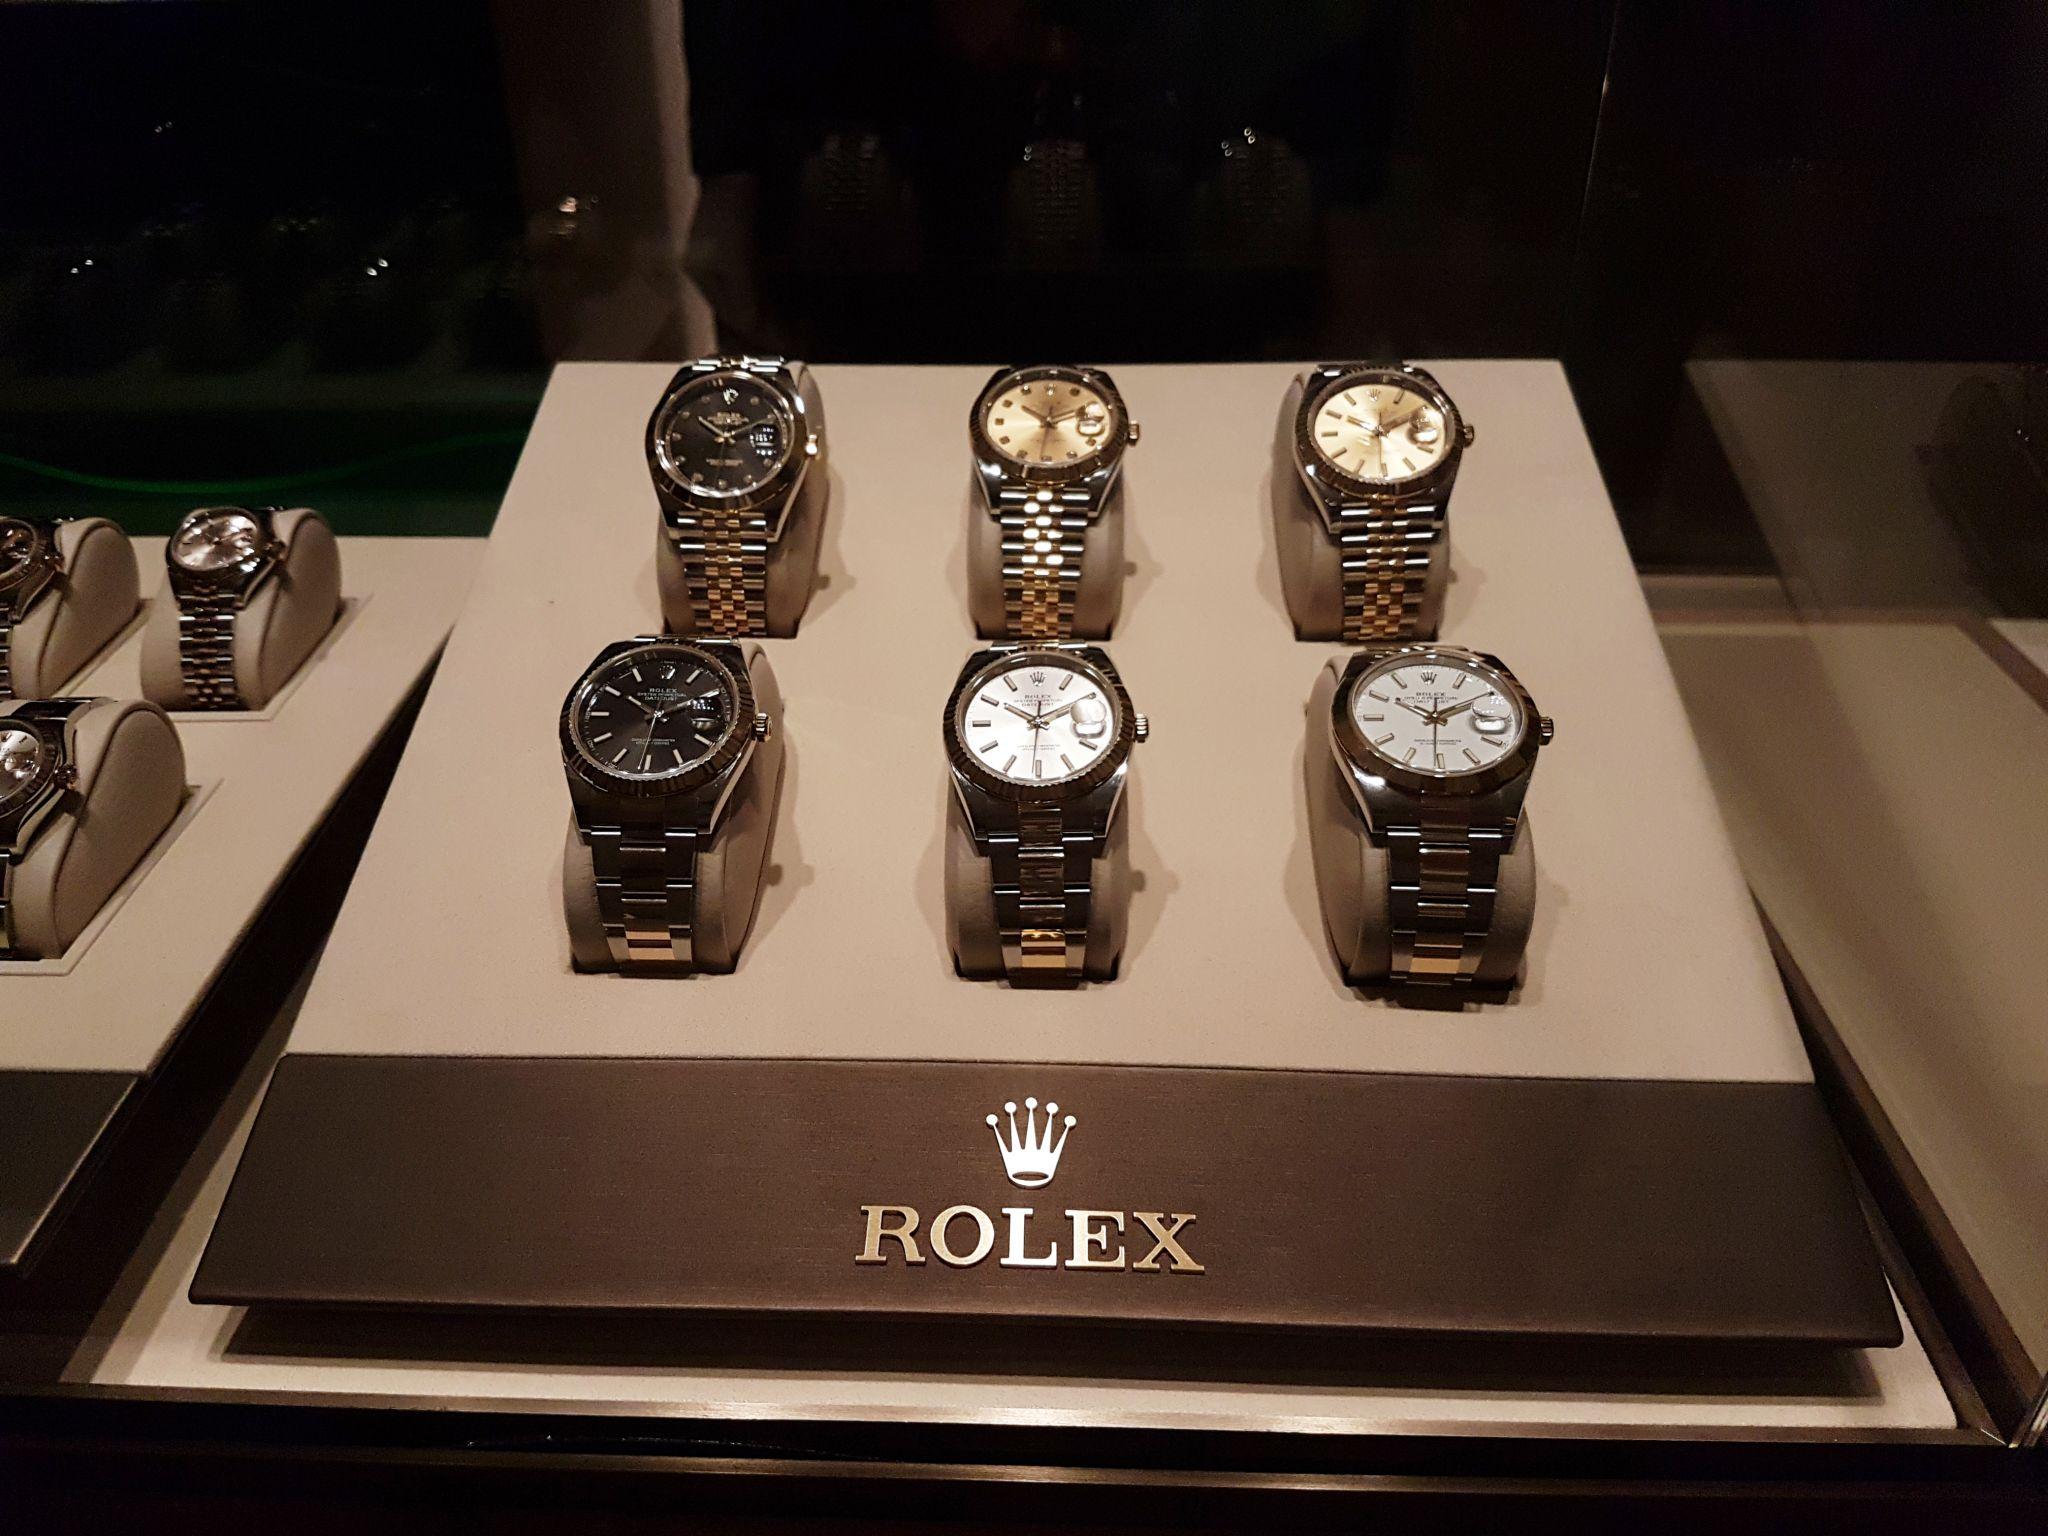 Rolex watches 2016